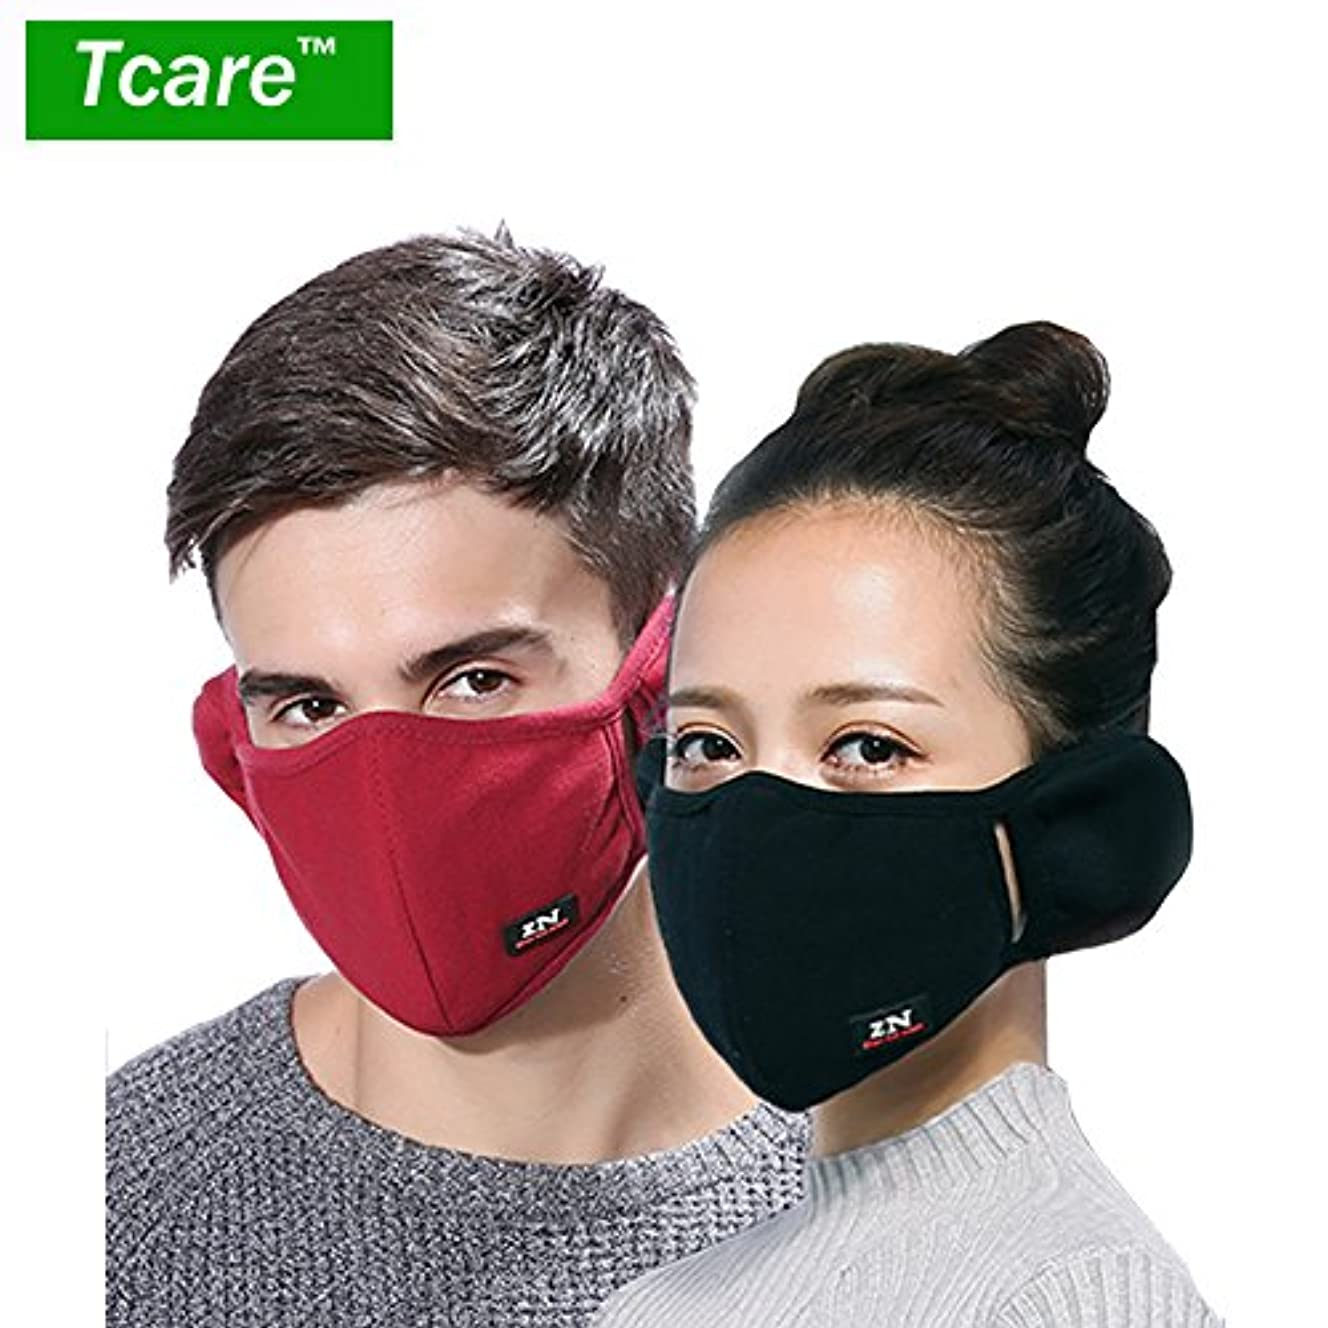 集計タービン取るに足らない男性女性の少年少女のためのTcare呼吸器2レイヤピュアコットン保護フィルター挿入口:5ブラウン